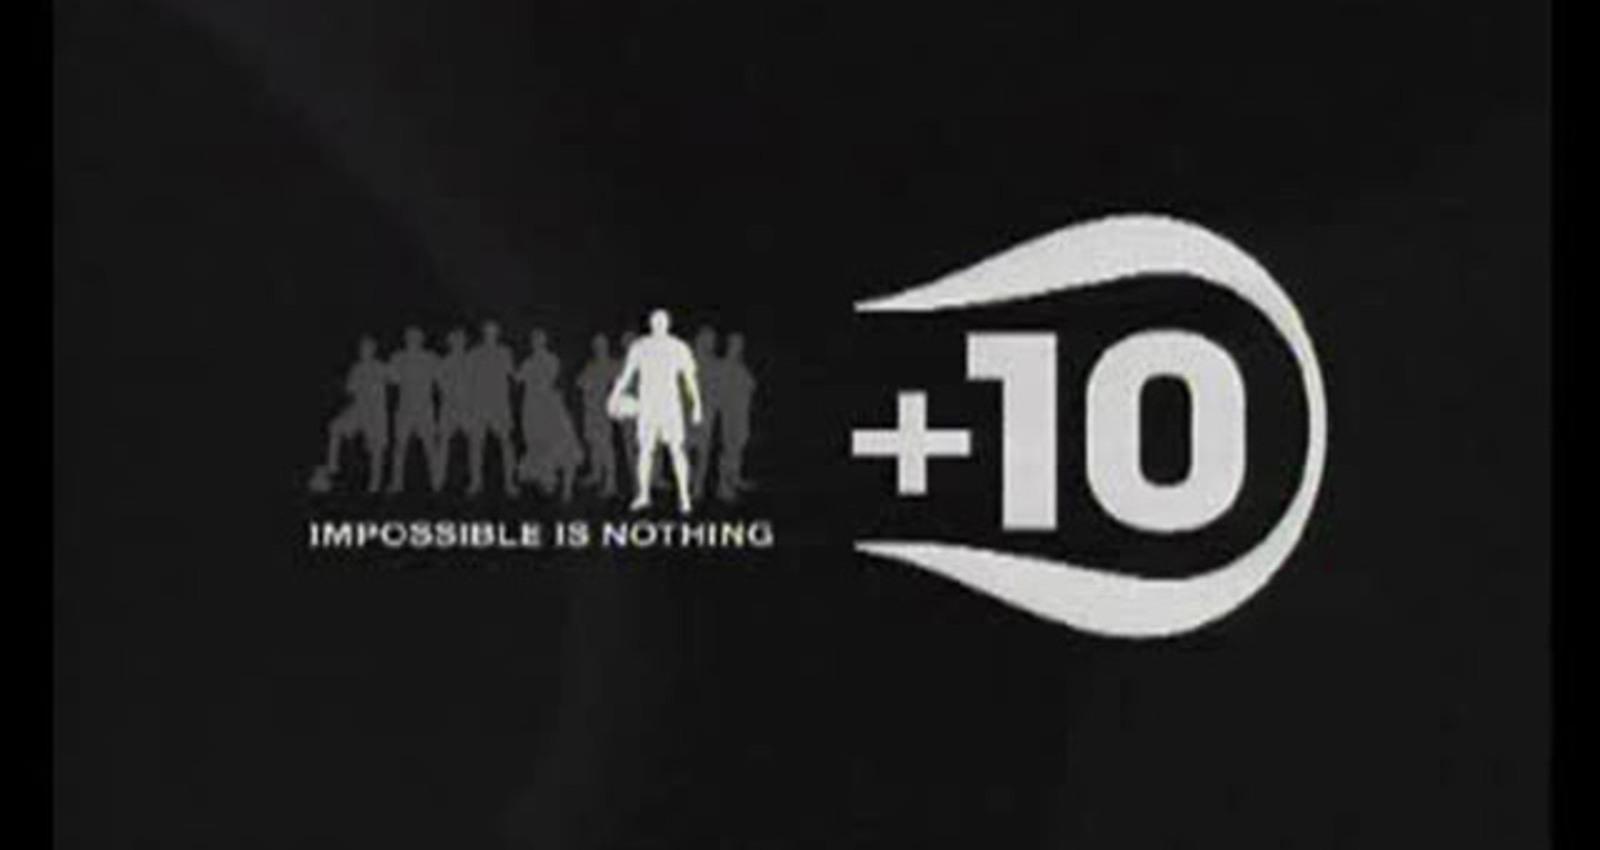 +10 Campaign